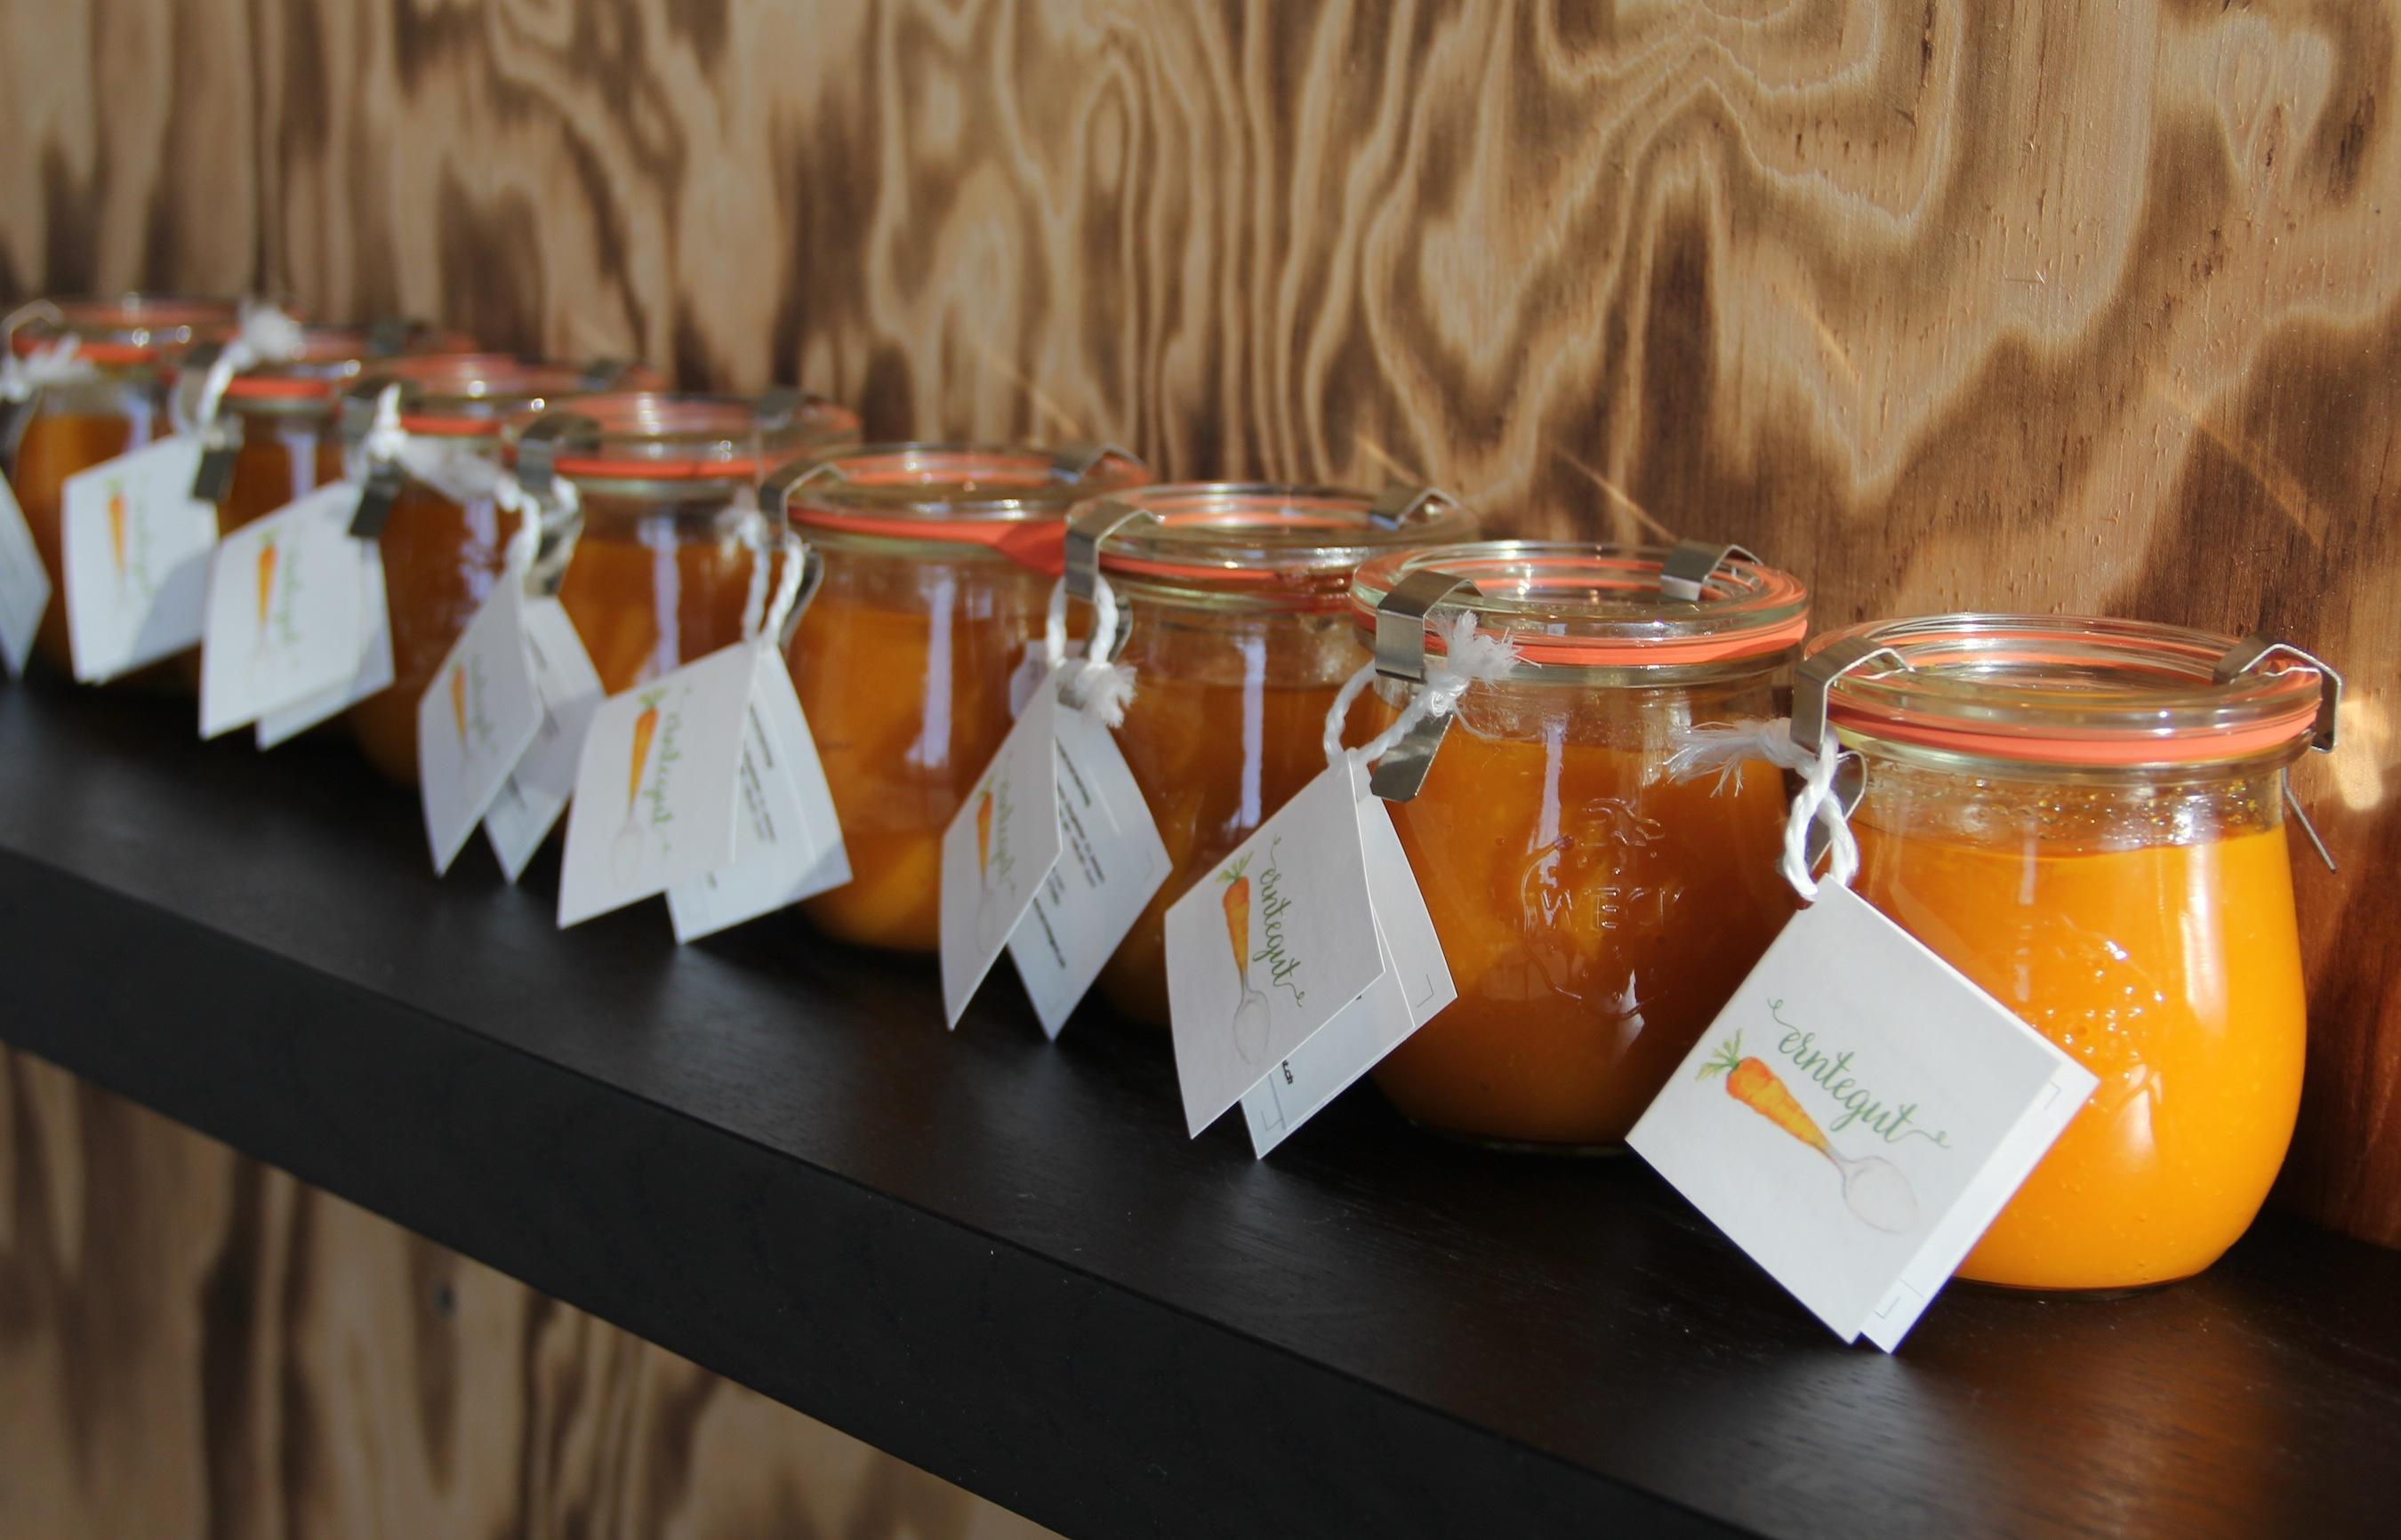 Einkochen als Alternative zum Wegschmeissen: Die Konfitüren des Vereins Erntegut werden von Auszubildenden in Pratteln hergestellt.